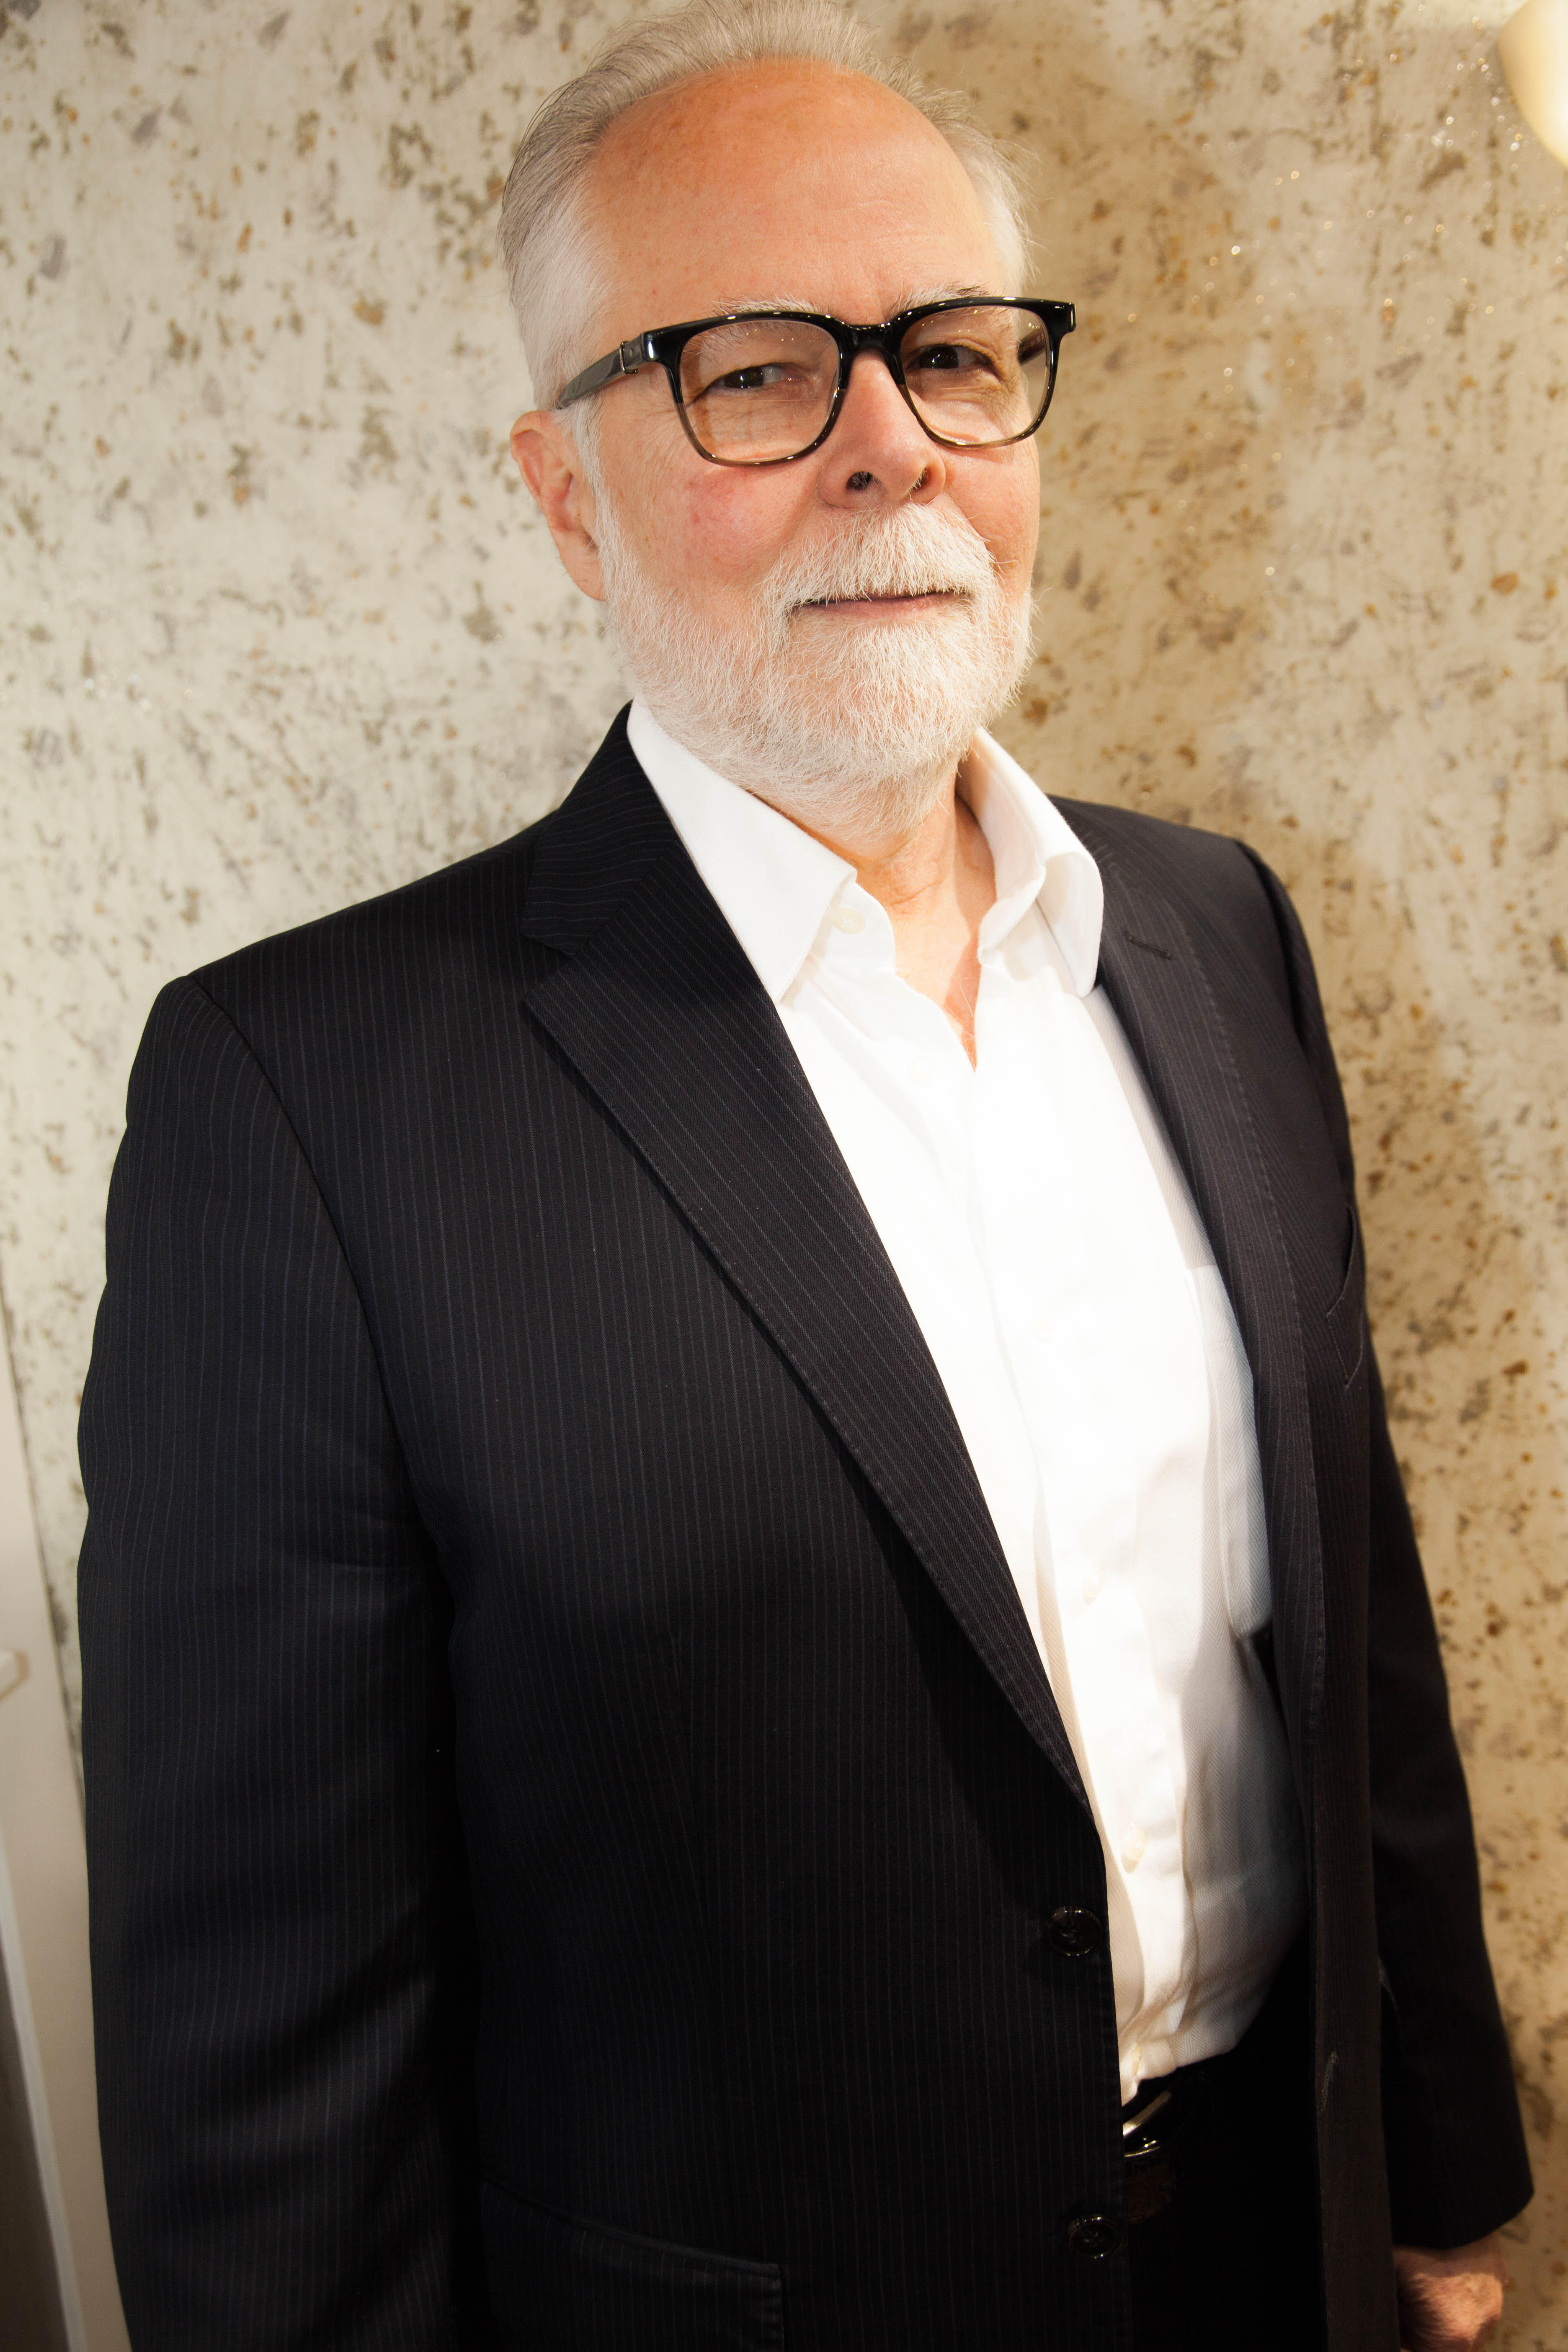 Dr Schmidt Fleestedt